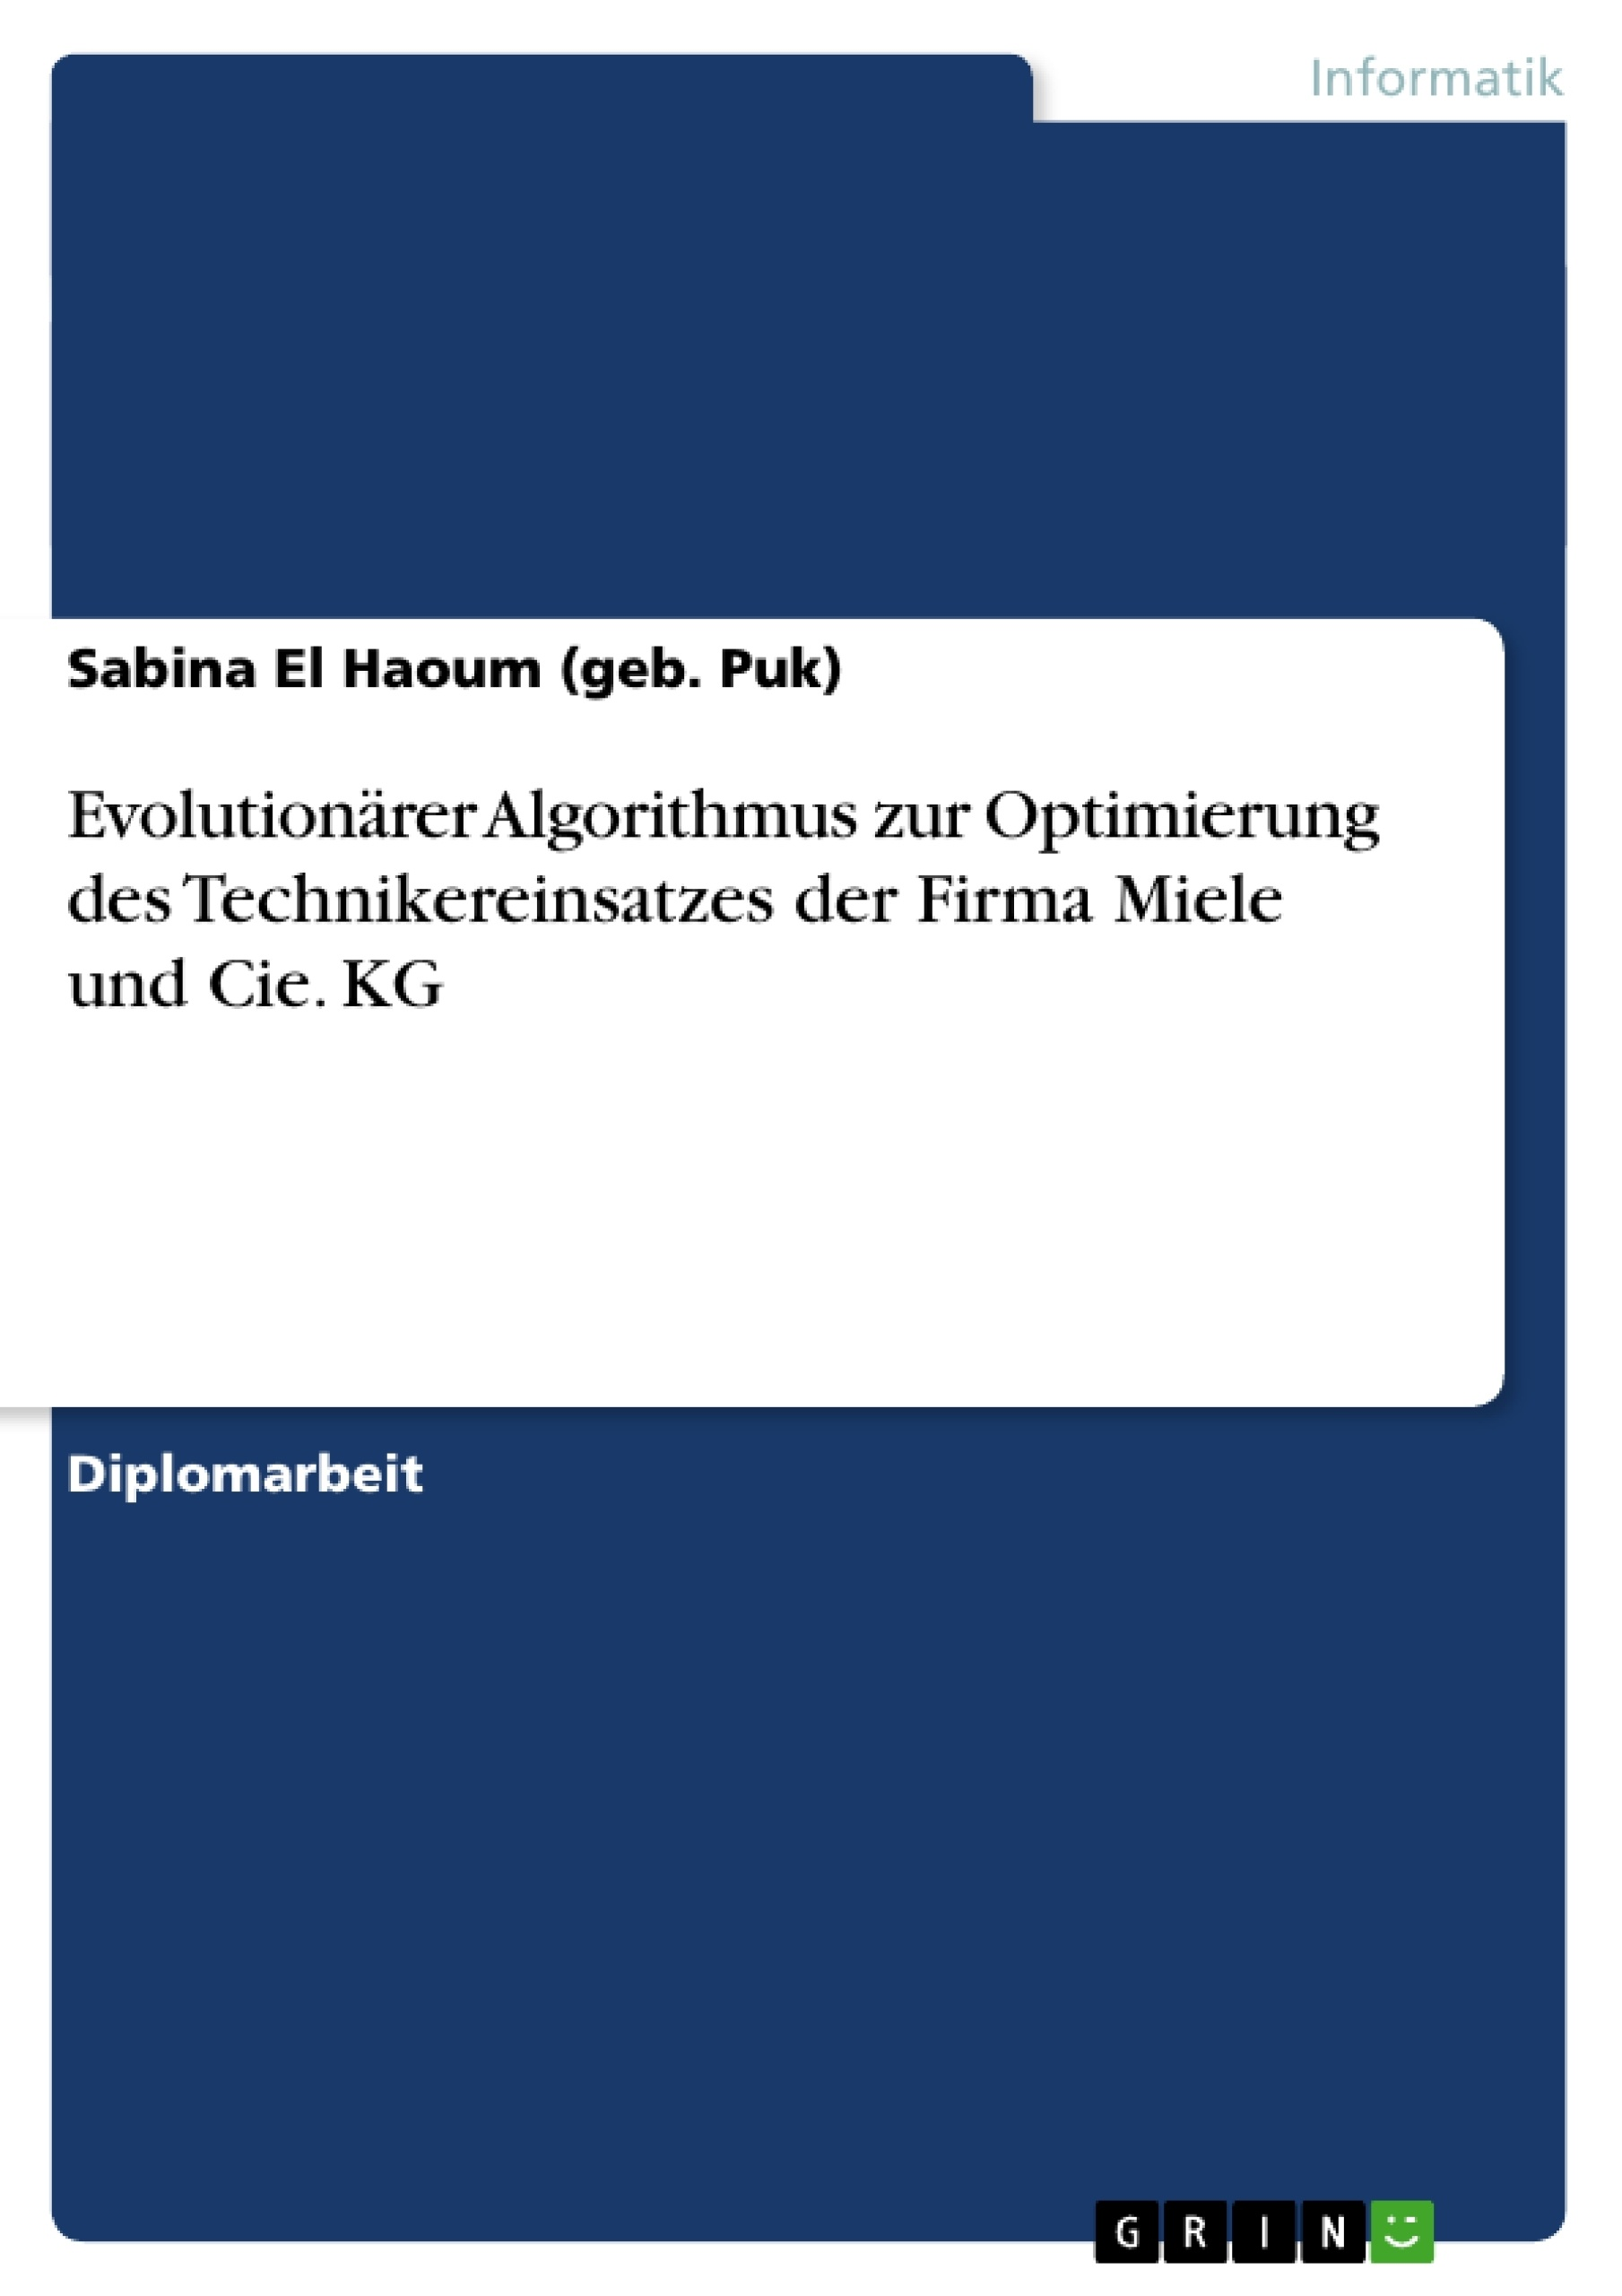 Titel: Evolutionärer Algorithmus zur Optimierung des Technikereinsatzes der Firma Miele und Cie. KG